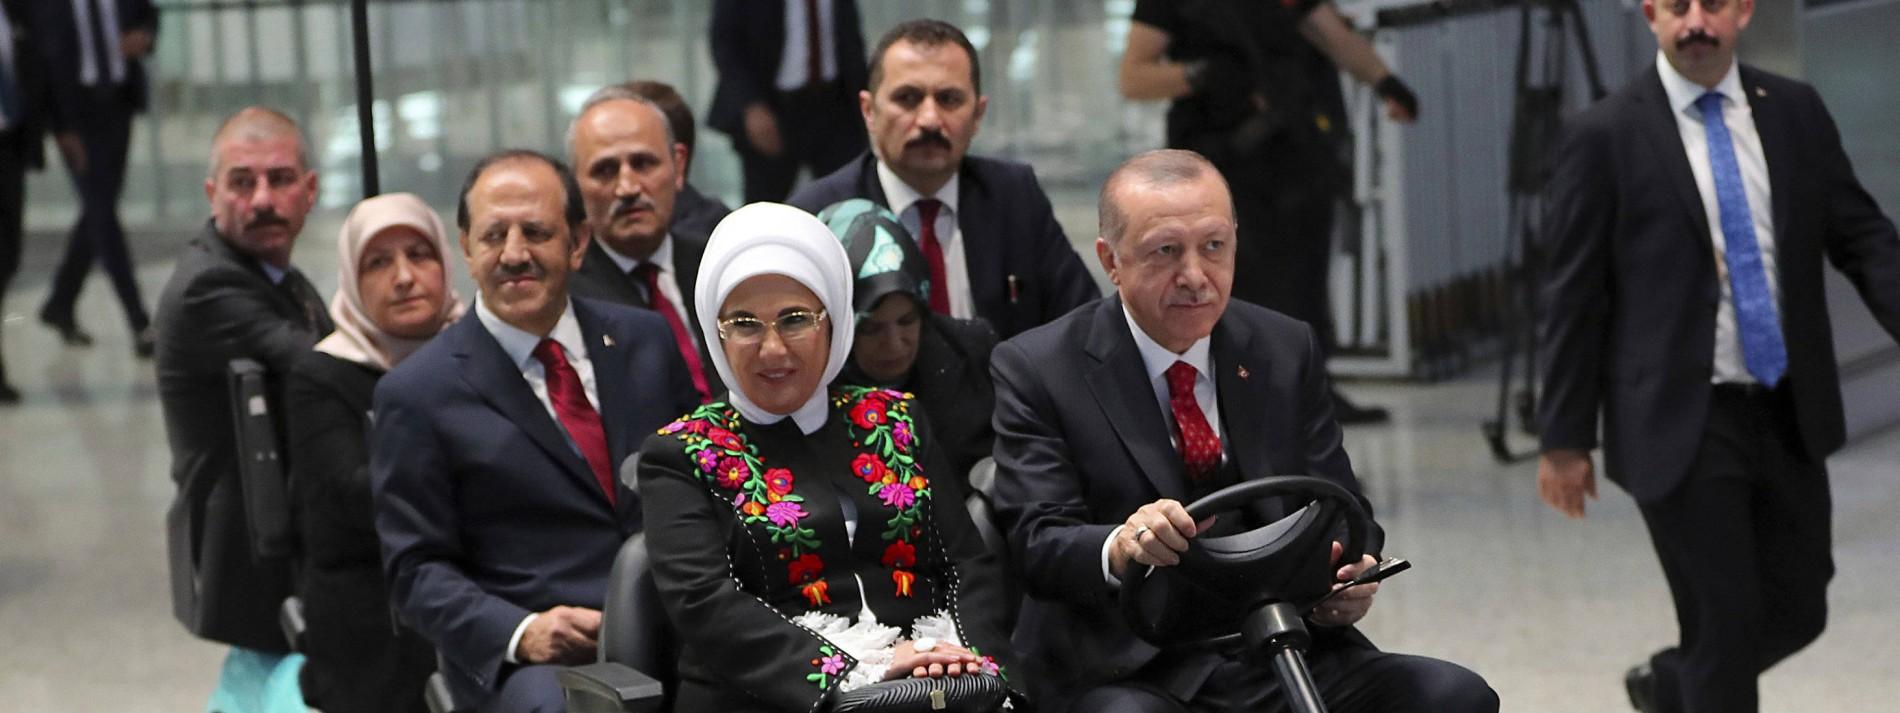 faz.net - Bülent Mumay - Lira-Krise: Inflation bricht in der Türkei Rekorde